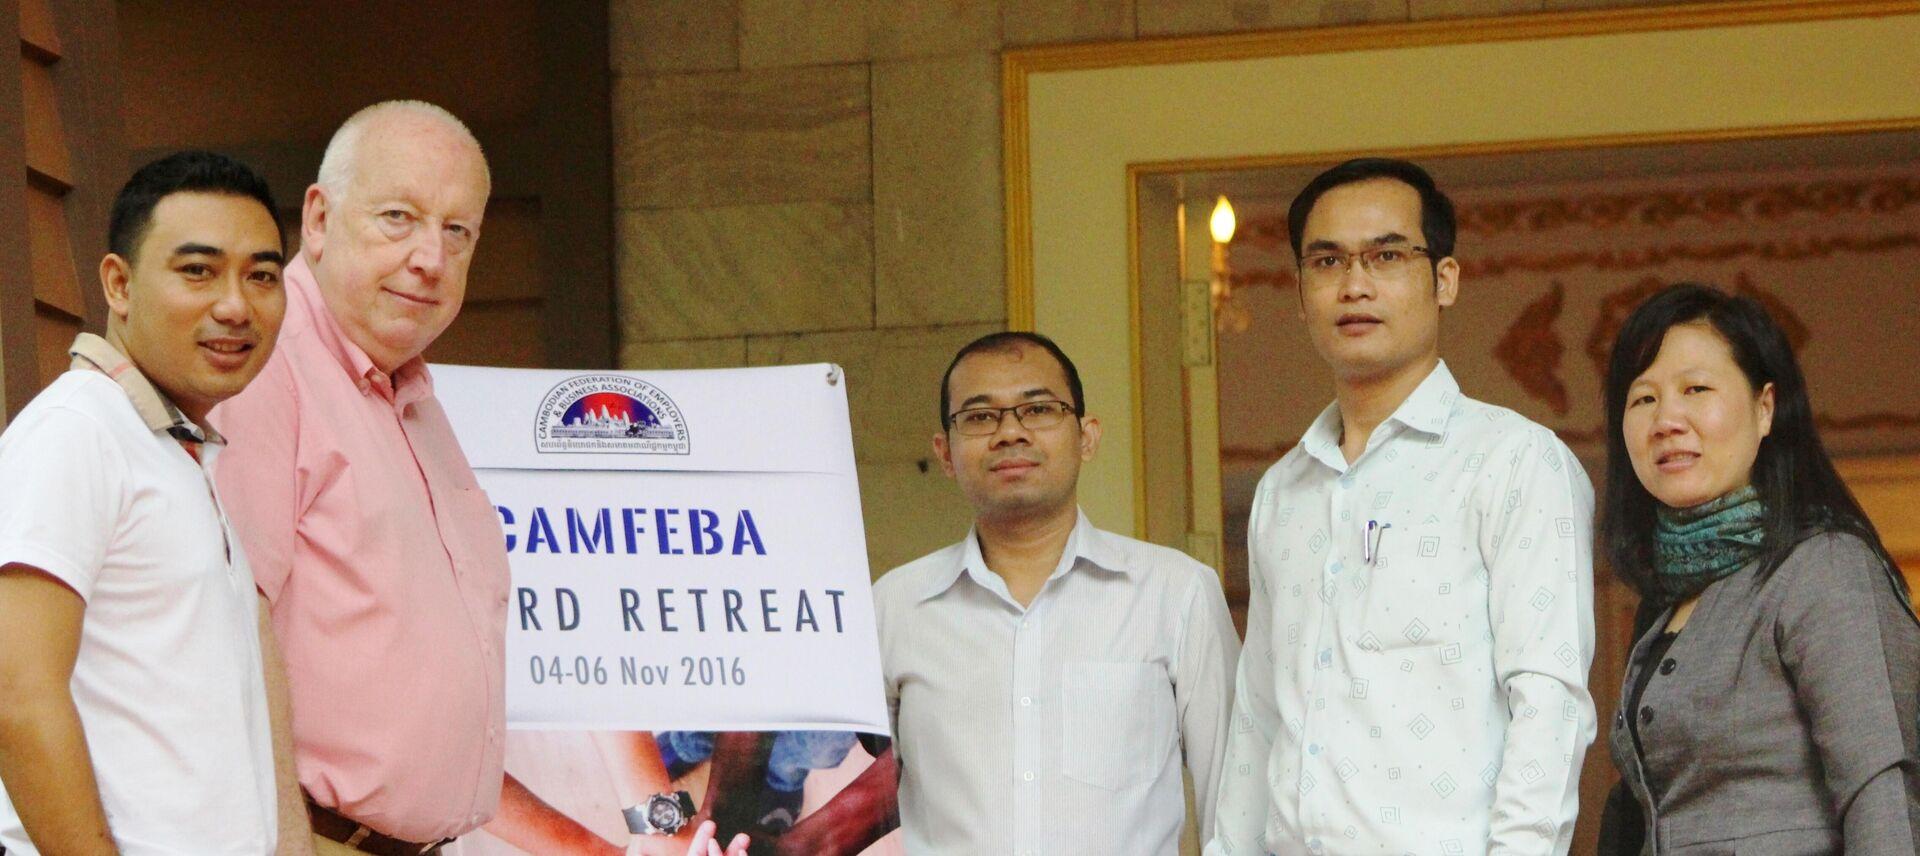 Cambodia CAMFEBA board retreat